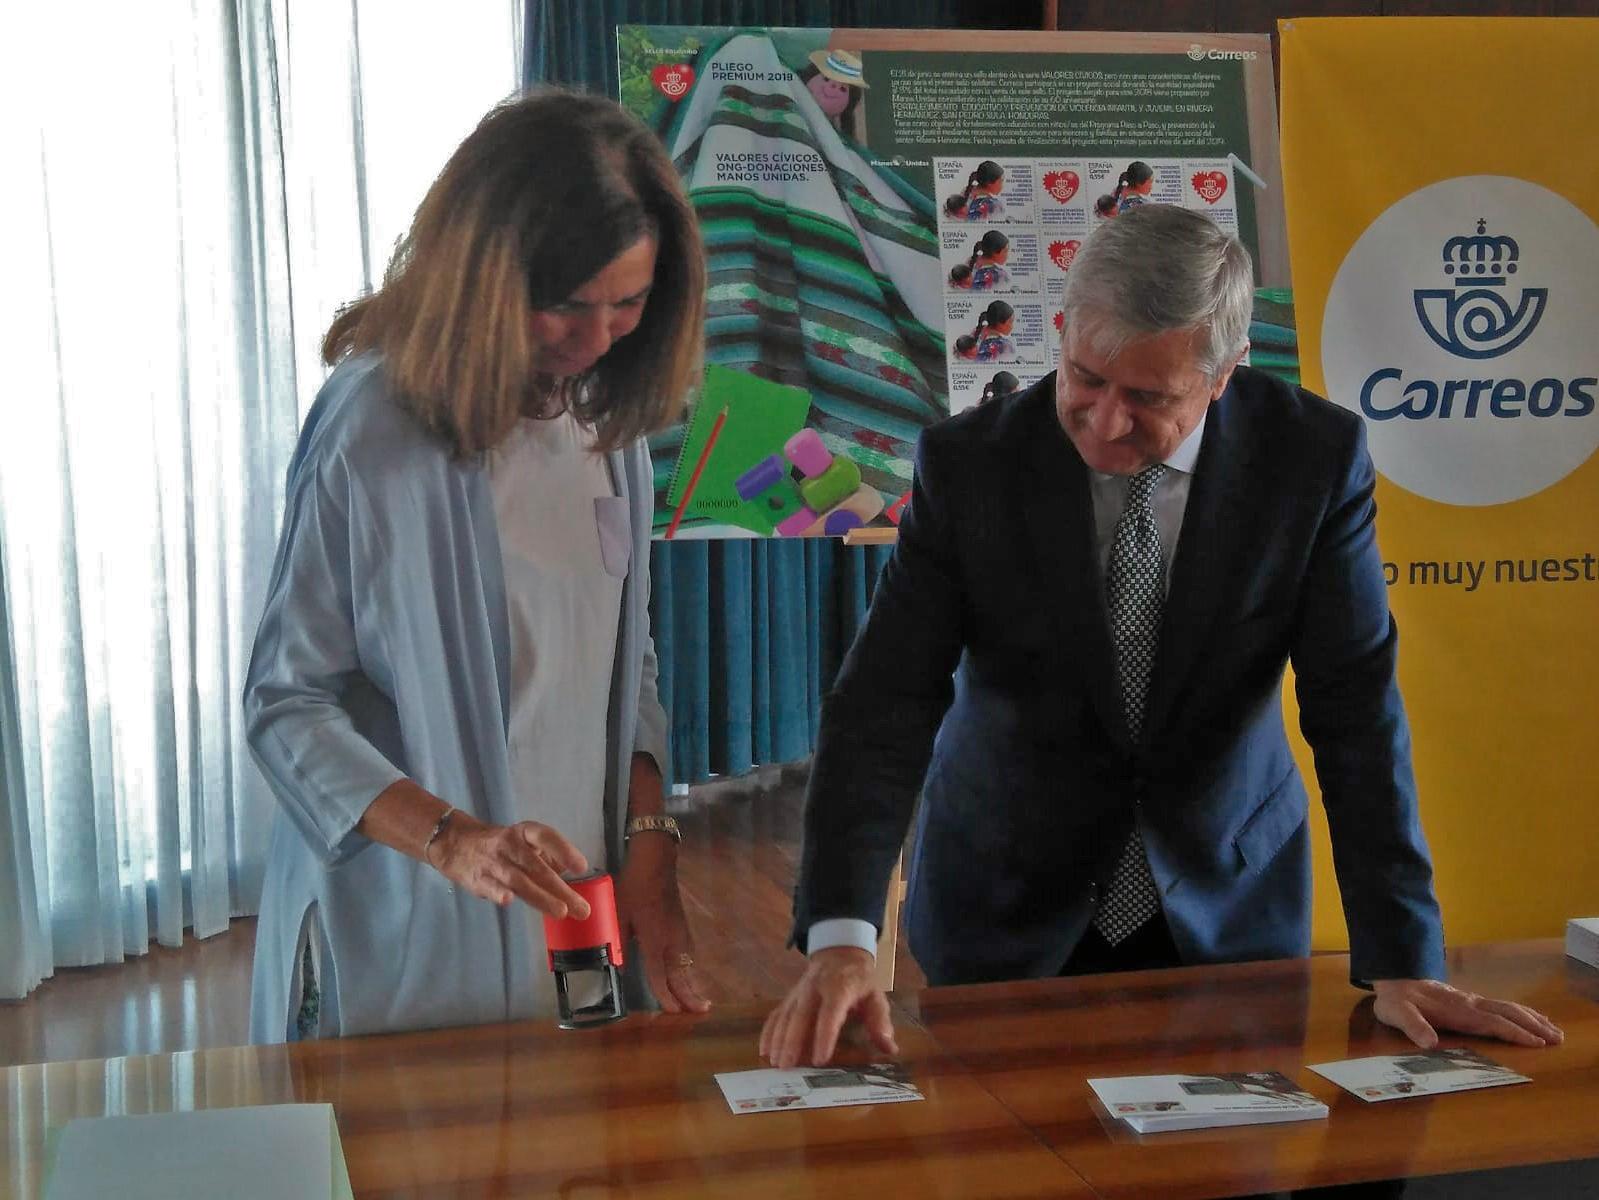 Correos y Manos Unidas presentan el primer sello solidario   Manos ...